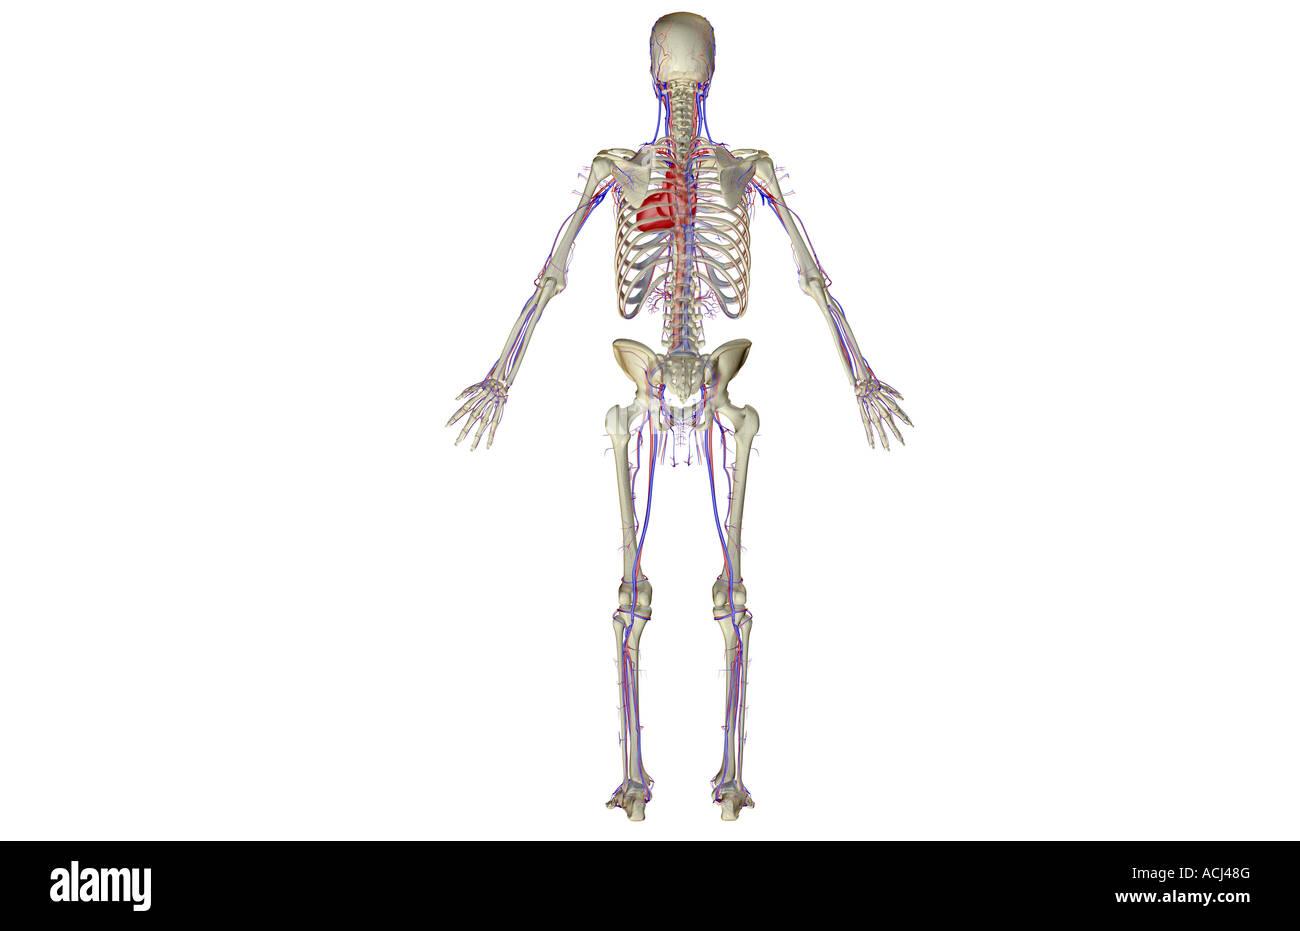 Großartig Kreislauf System Animation Galerie - Anatomie Ideen ...